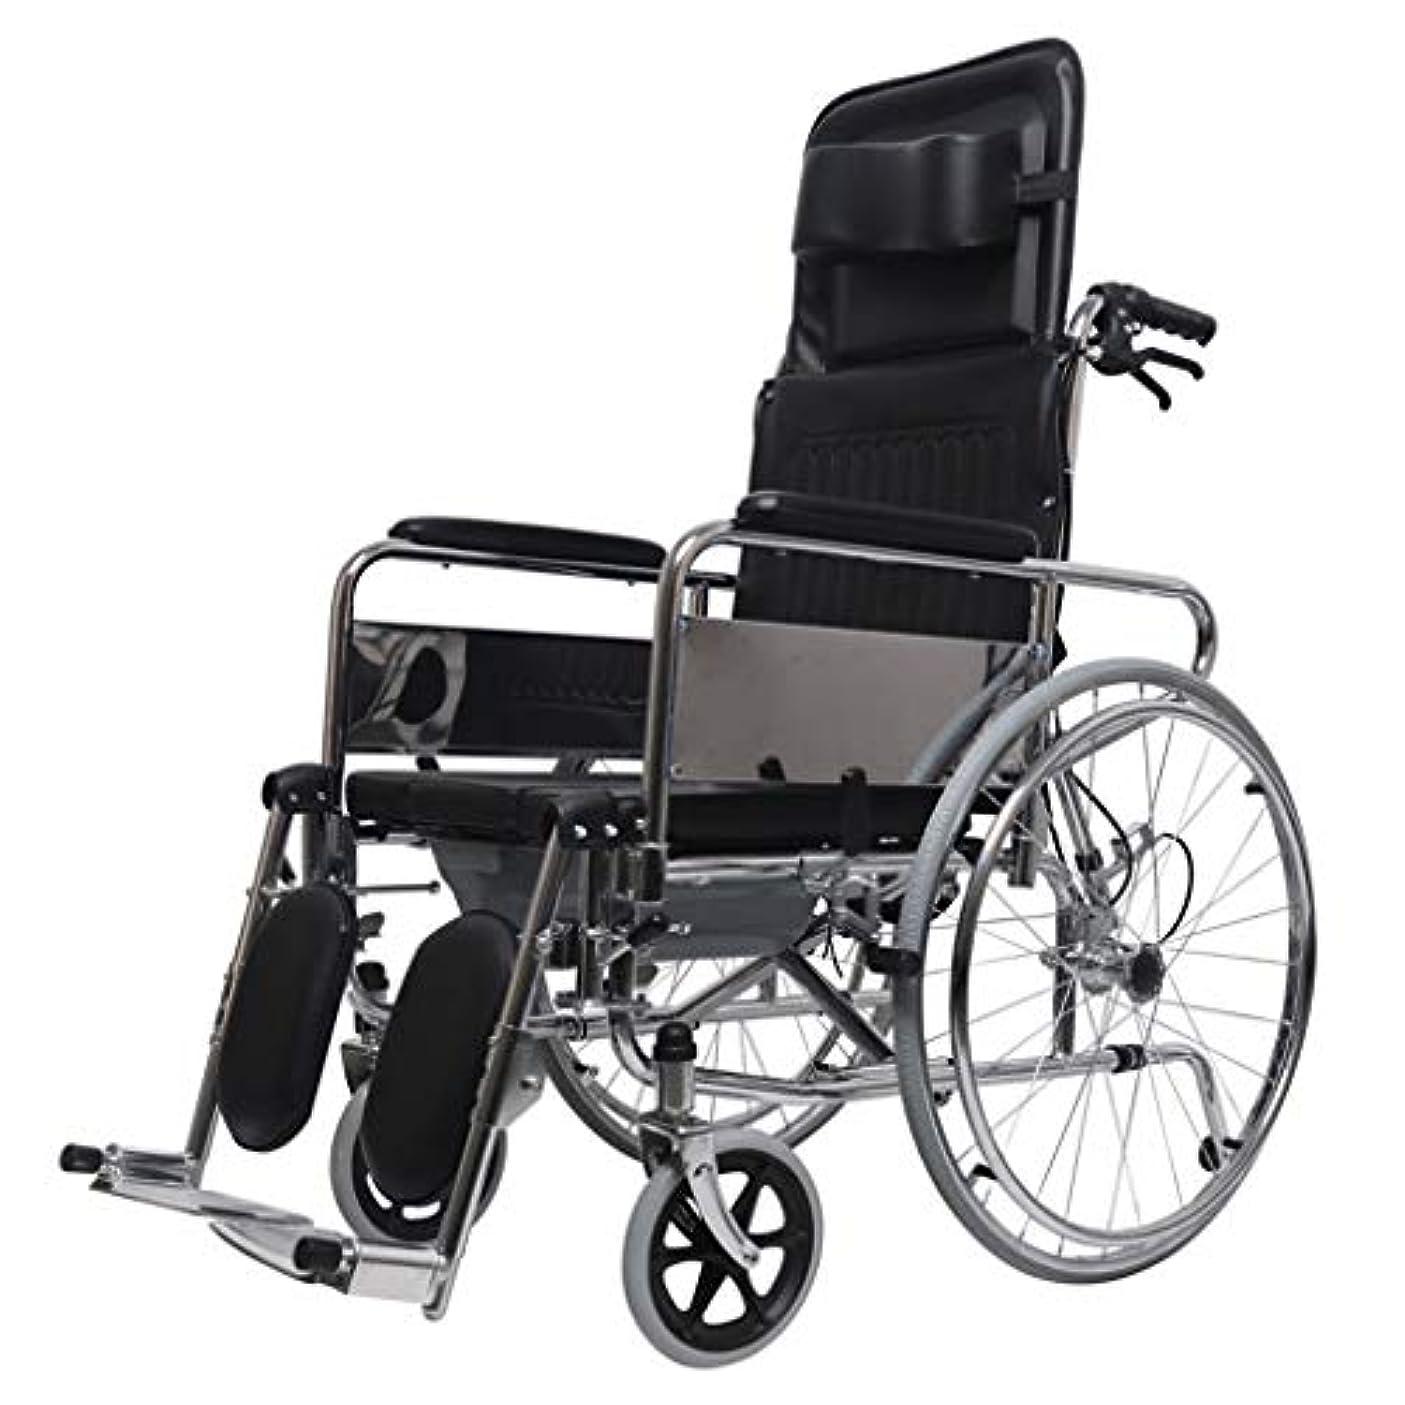 導入する液化するラベンダー車椅子トロリー、ブレーキ付き多機能折りたたみ、高齢者向け車椅子、屋外旅行、優れたヘルパー